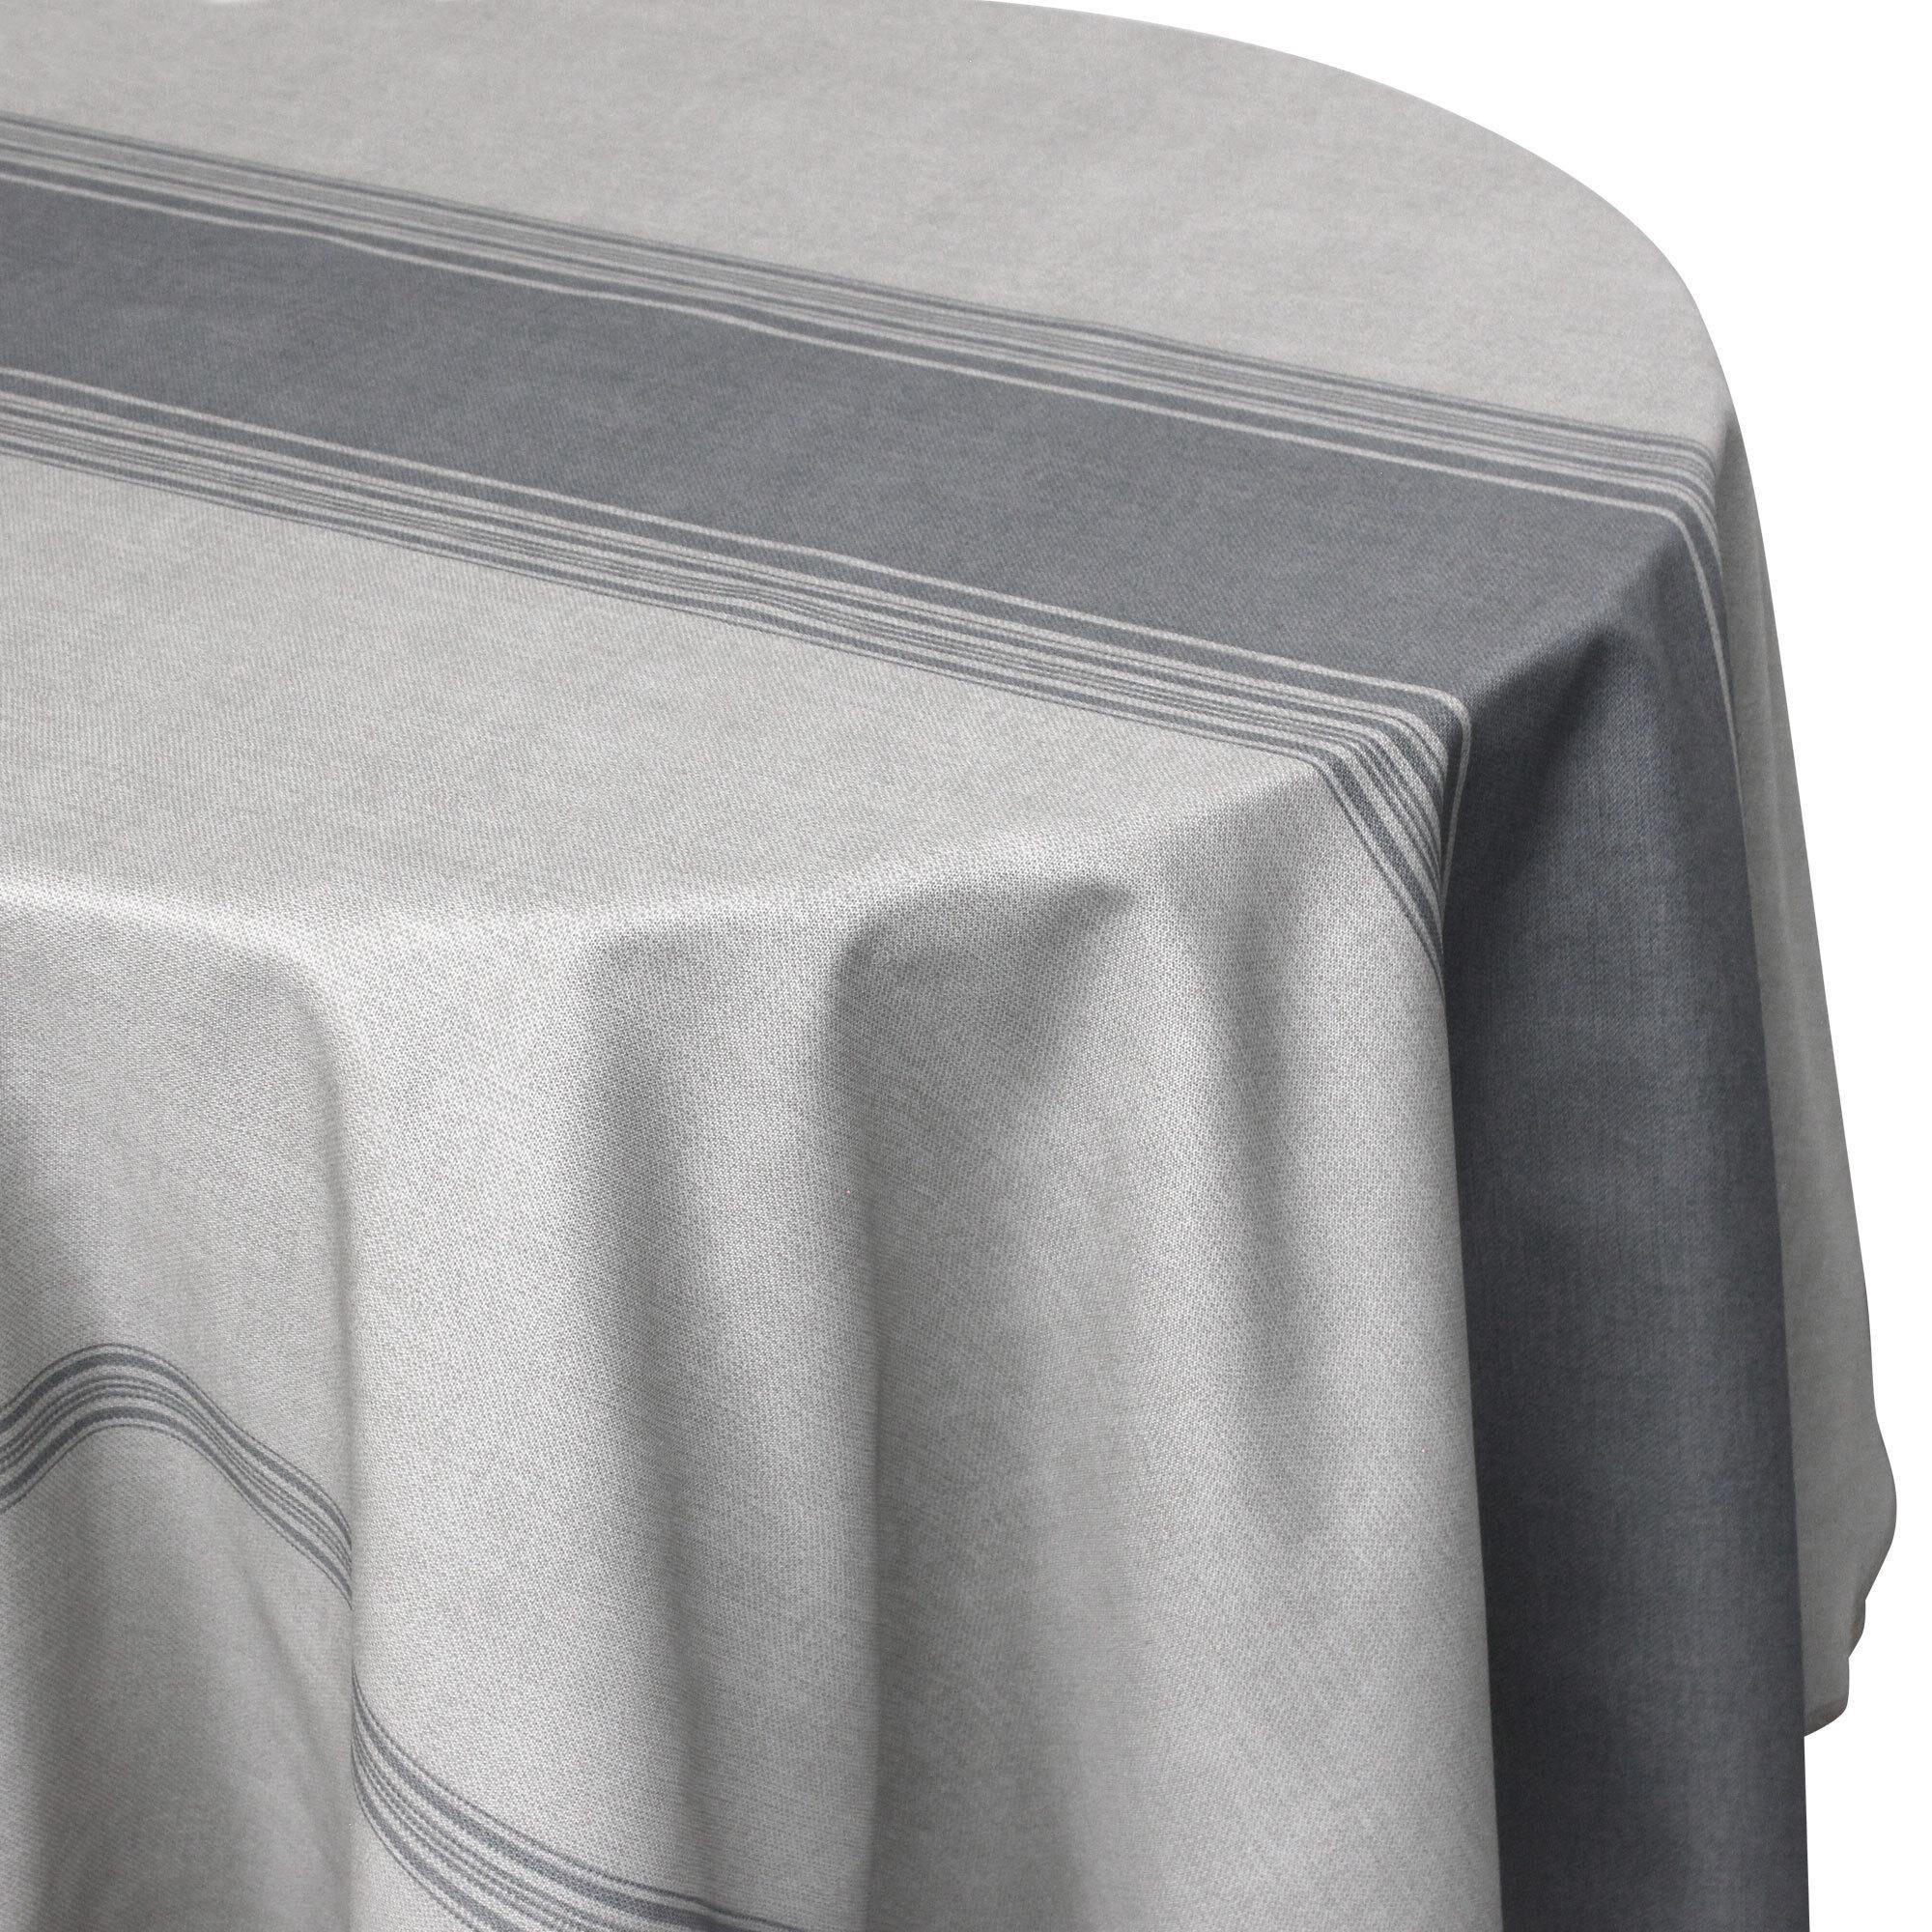 Linnea Nappe ronde 180 cm imprimée 100% polyester BISTROT gris Charbon